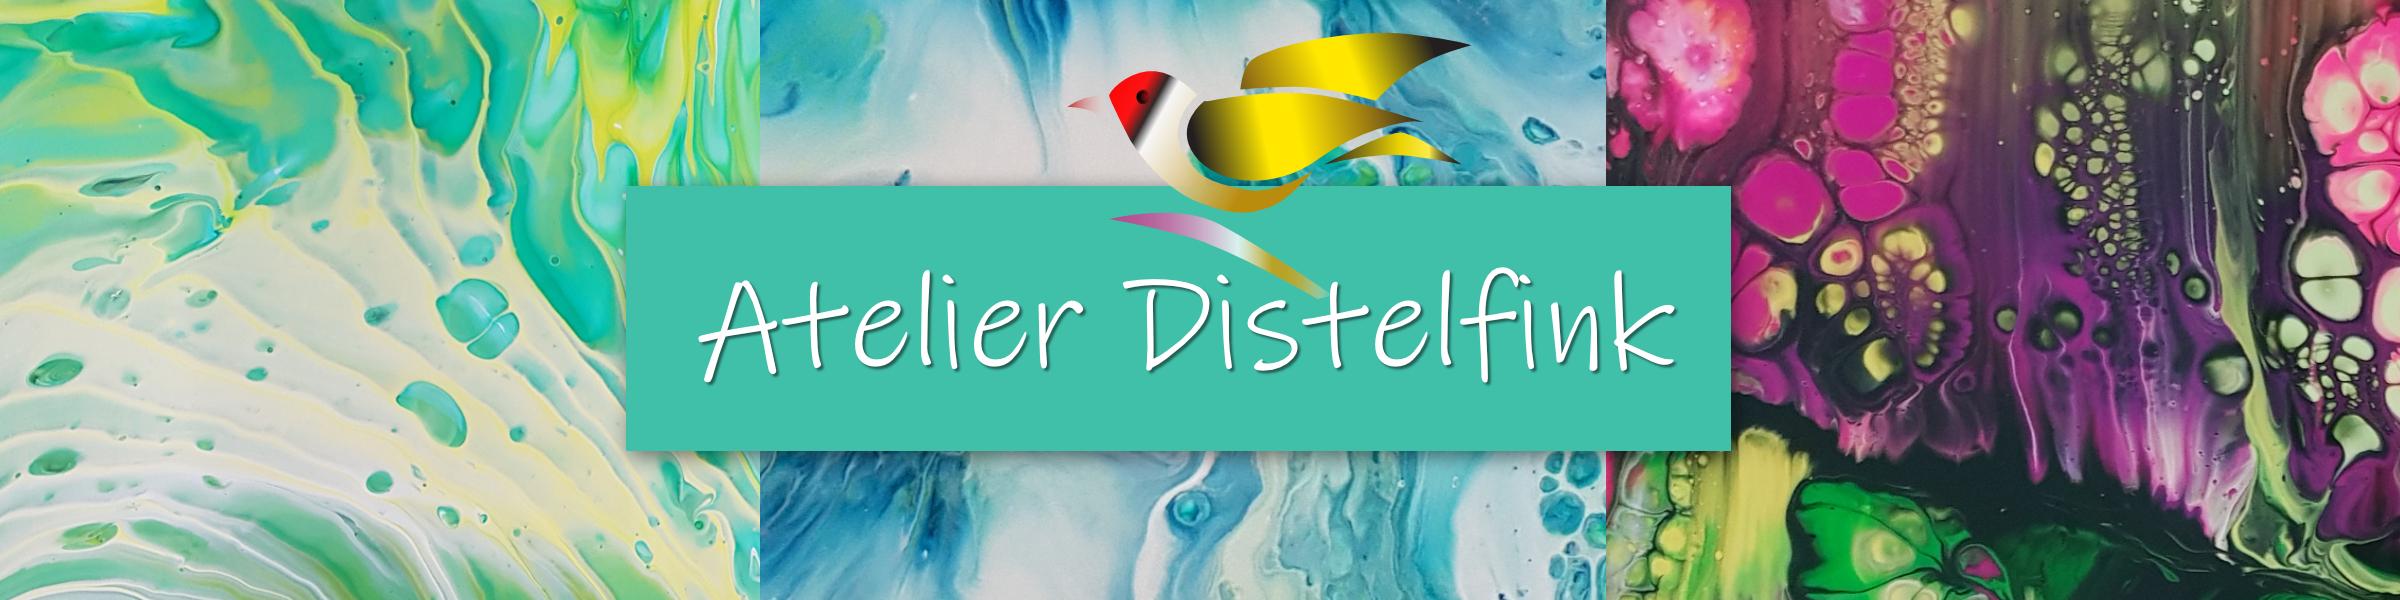 Atelier Distelfink im Raum für Lebenskunst